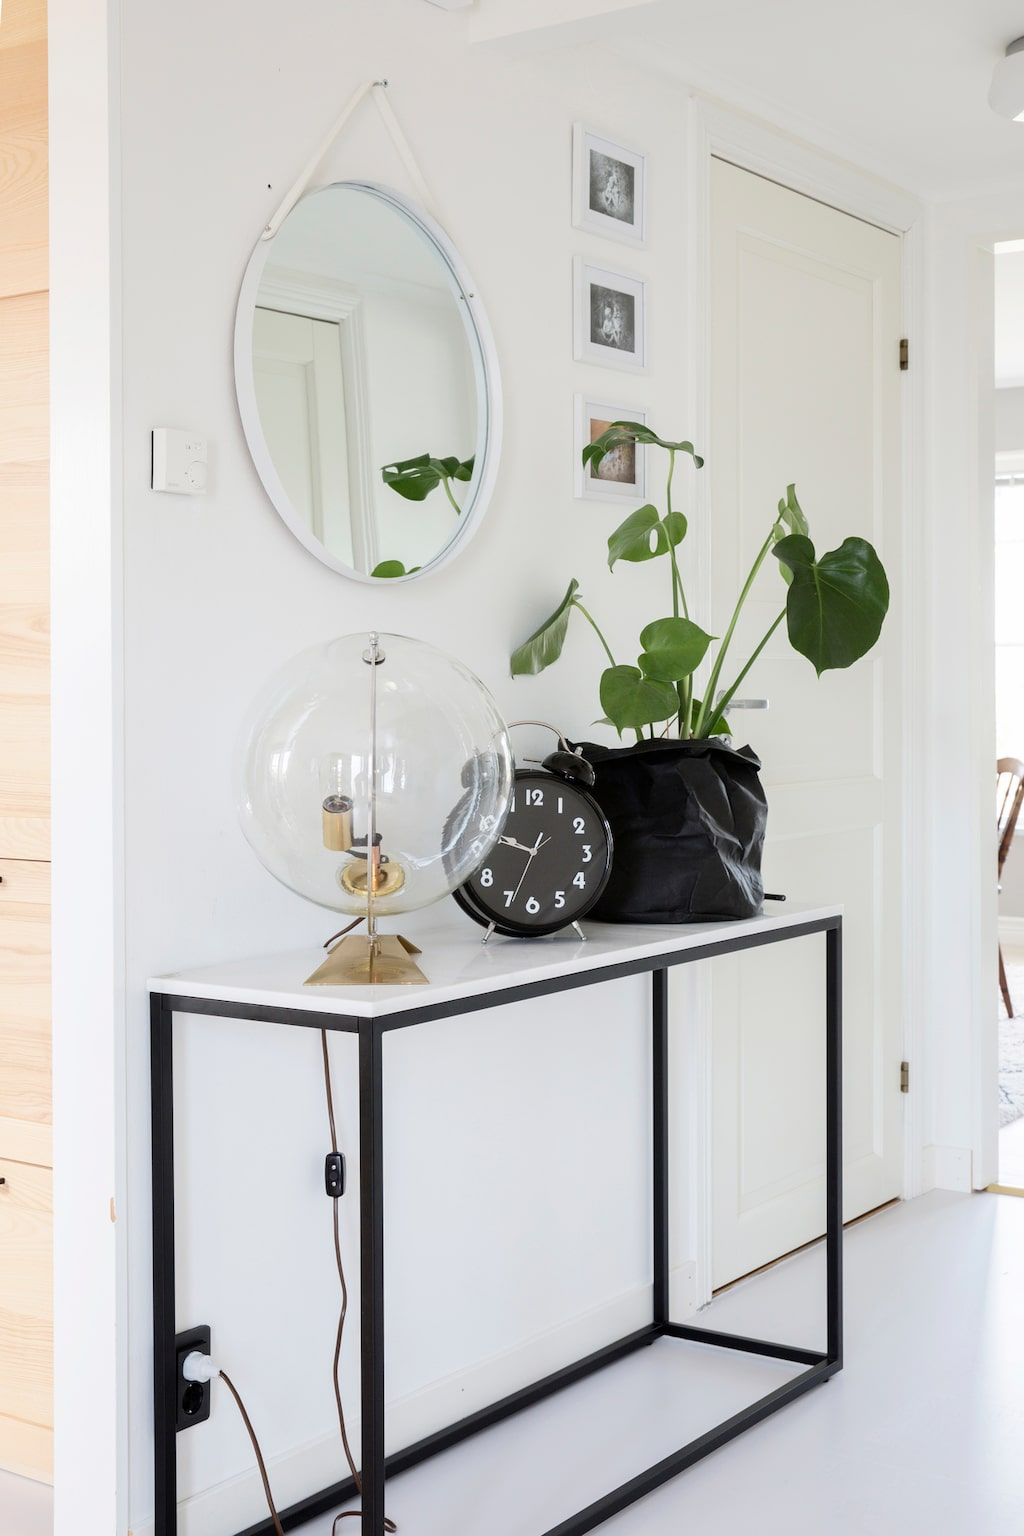 Gröna växter mjukar upp en stramare inredning. På avlastningsbordet i hallen, från Furnituebox, samsas en lampglob från Virvlas med en väckarklocka, från Norrgatans Blommor & Interiör, med en monstera i svart säck.